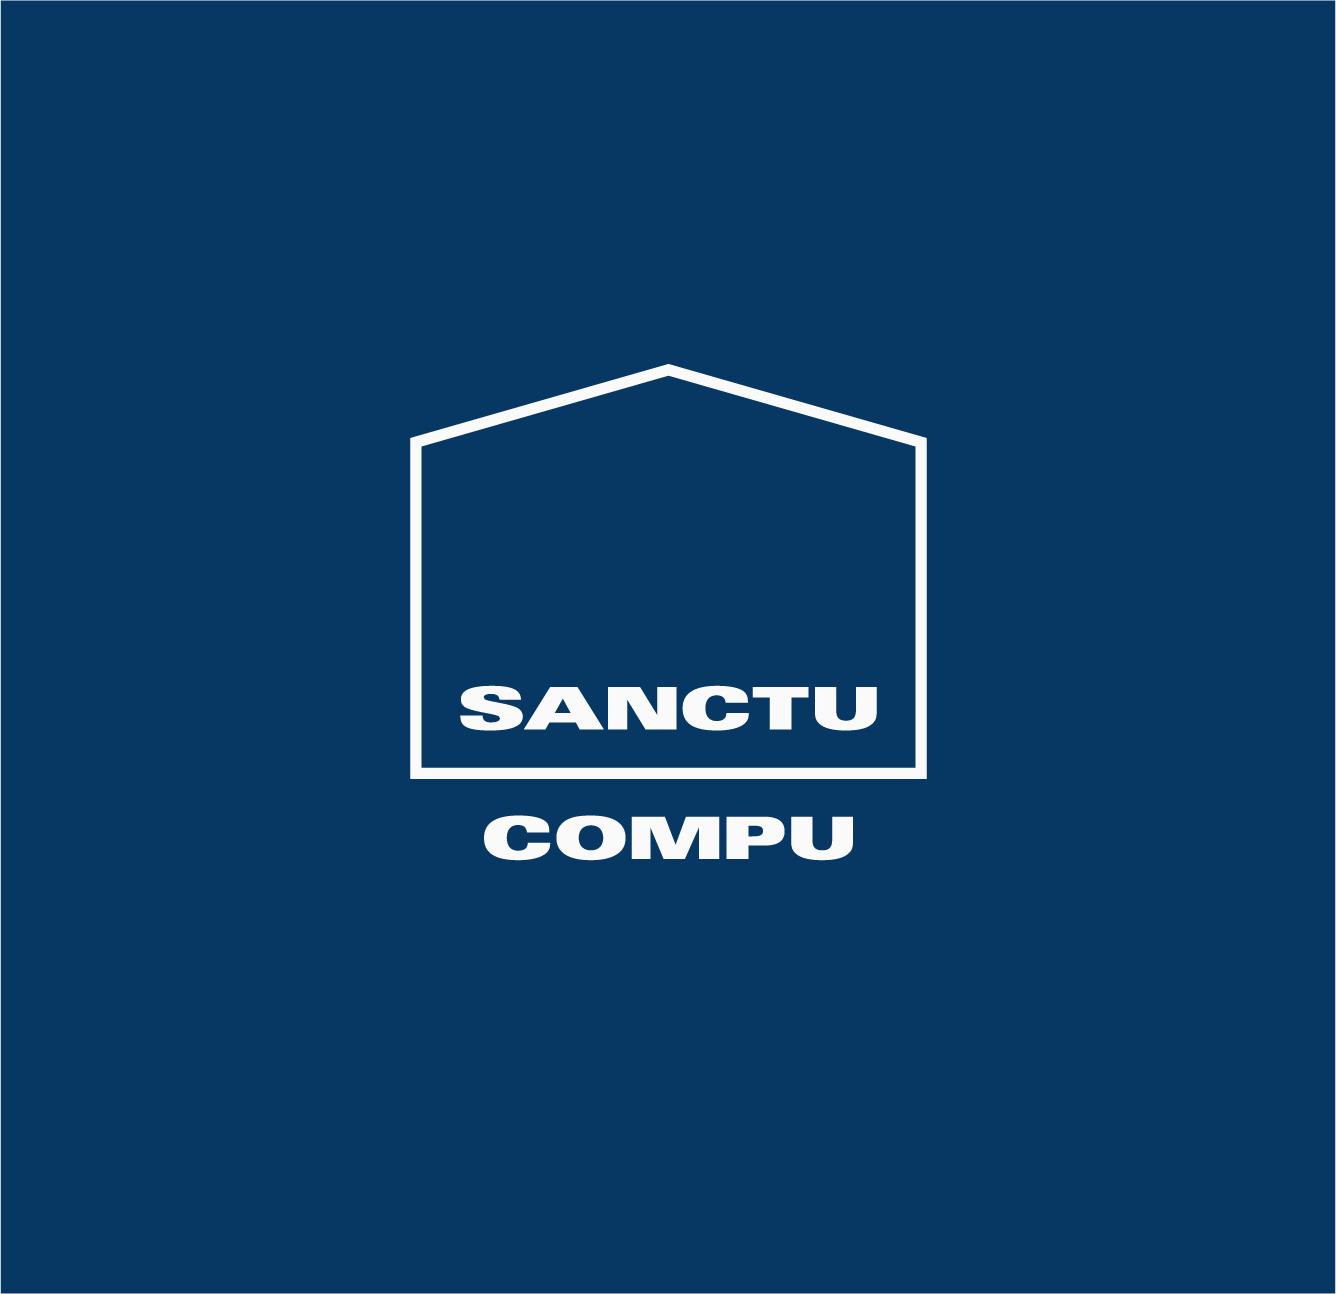 Sanctuary Computer